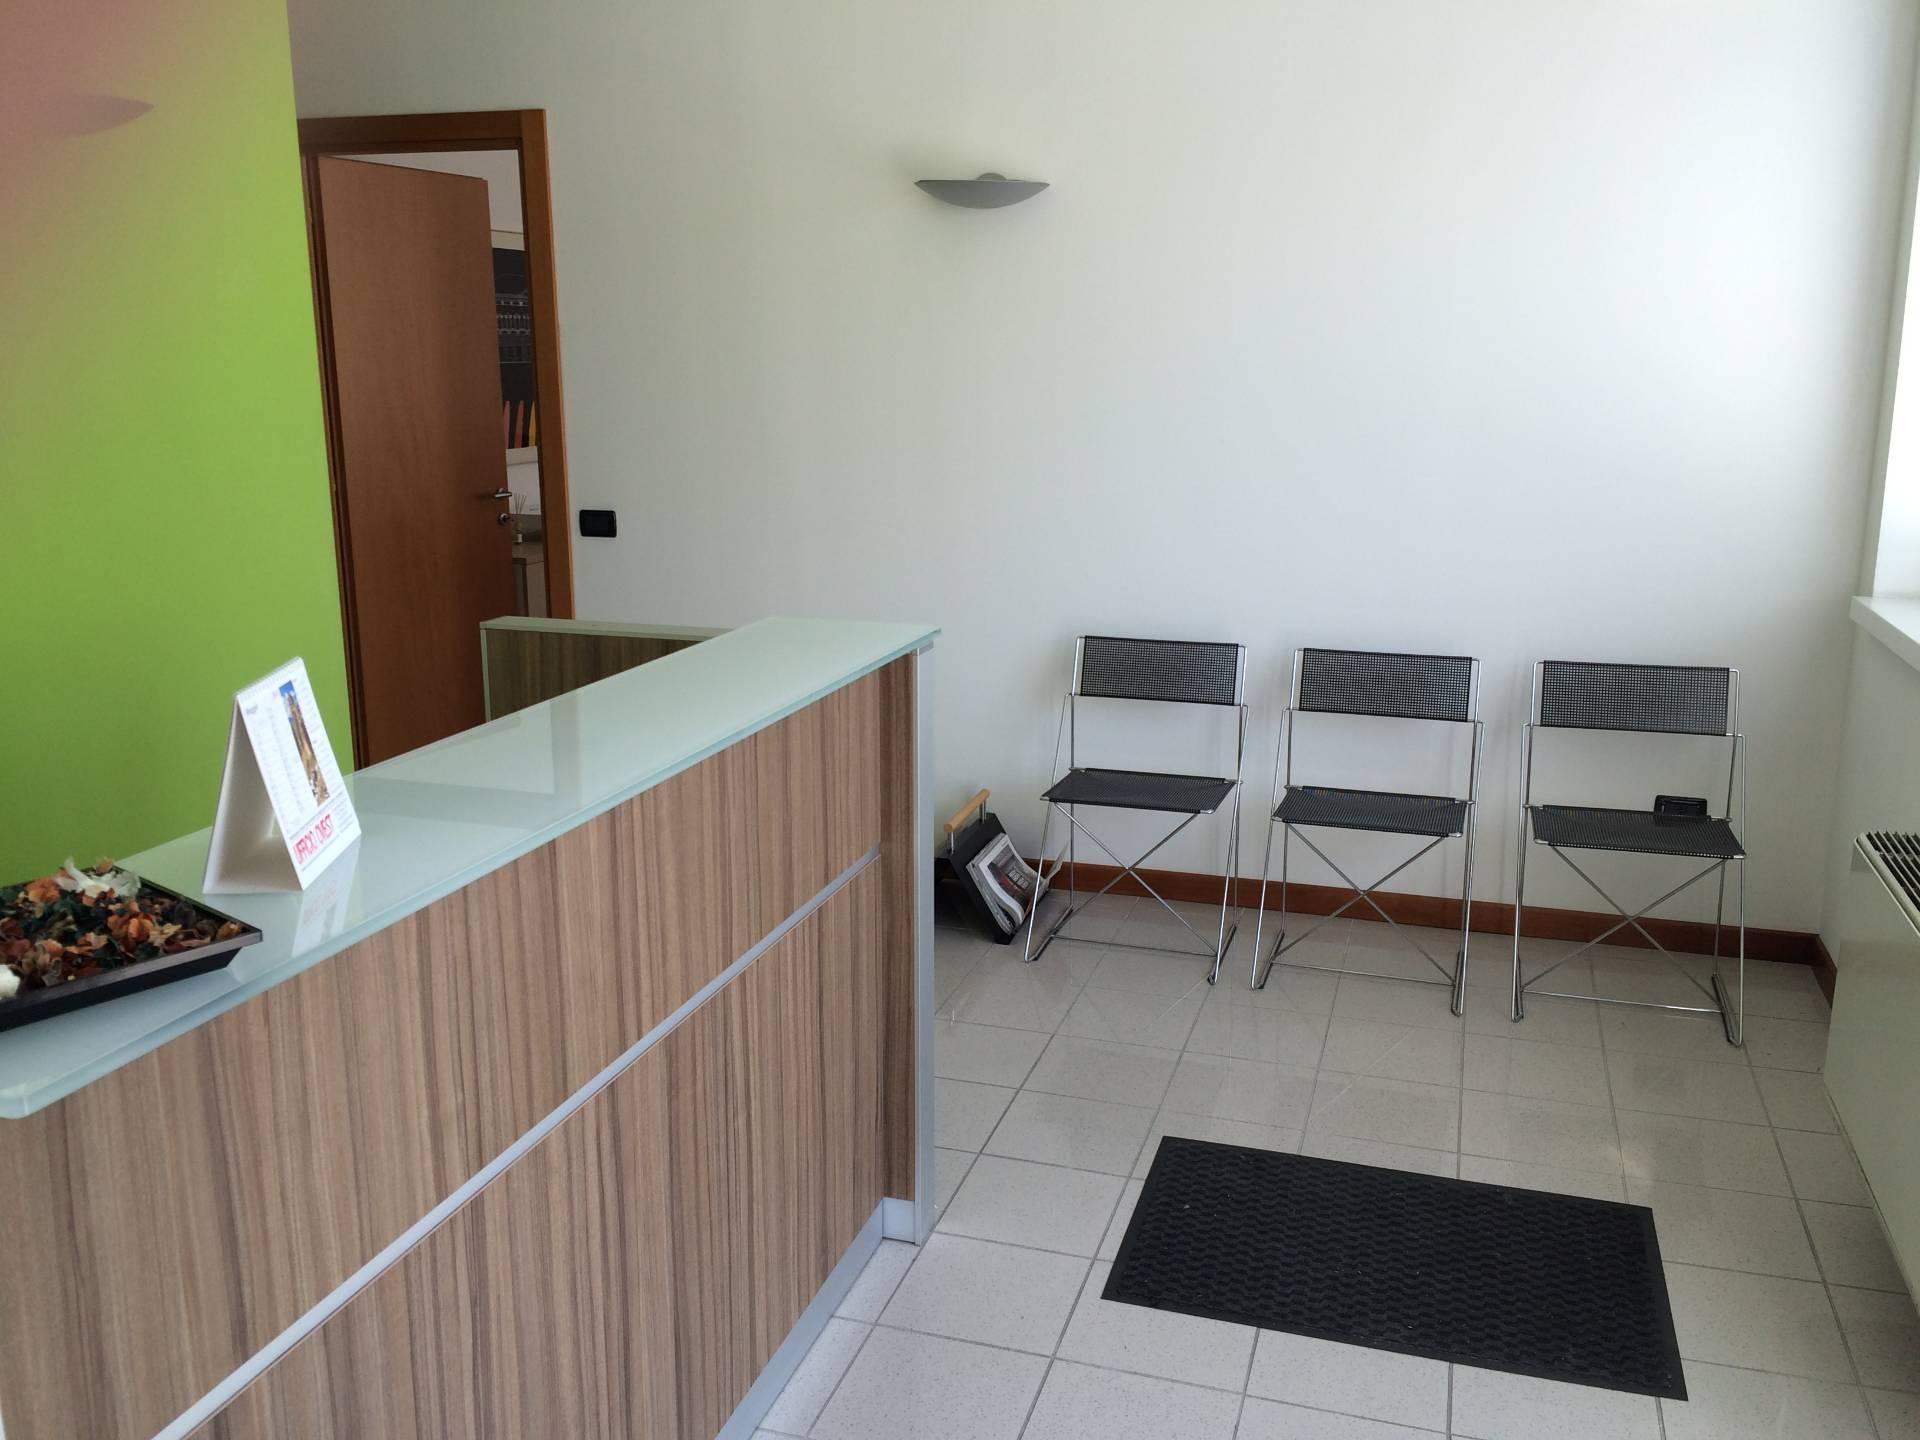 Capannone in vendita a Casier, 9999 locali, zona Località: Dosson, prezzo € 300.000   Cambio Casa.it